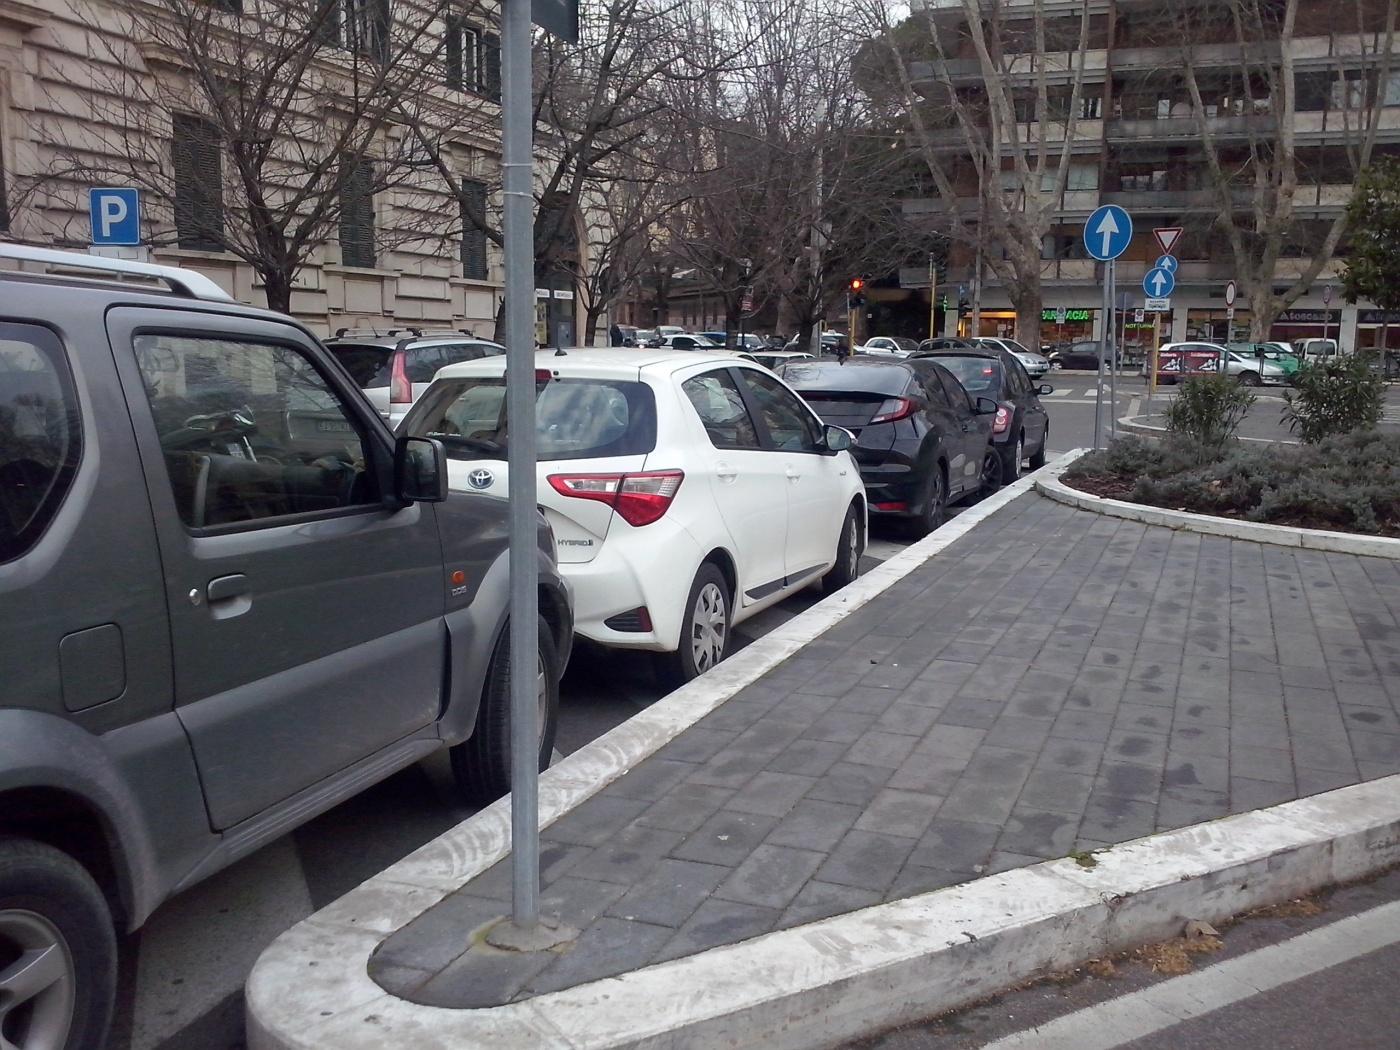 Auto's om een verkeerseiland parkeren? In Rome de normaalste zaak van de wereld...